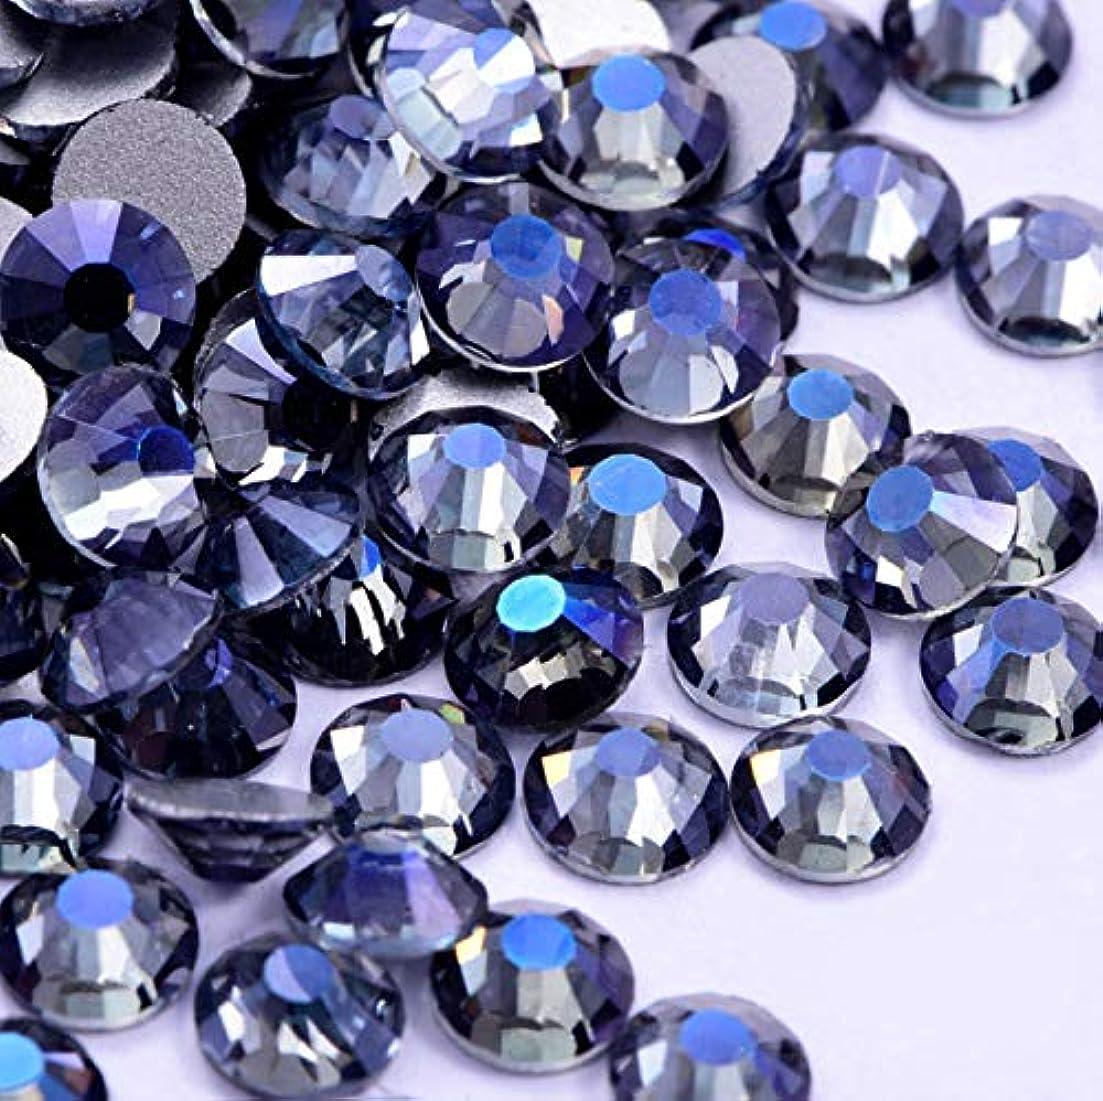 苦悩学生切る【ラインストーン77】高品質ガラス製ラインストーン 色/サイズ選択可 SS3~SS50 (パープルゴースト, SS20:約4.7mm(約120粒))